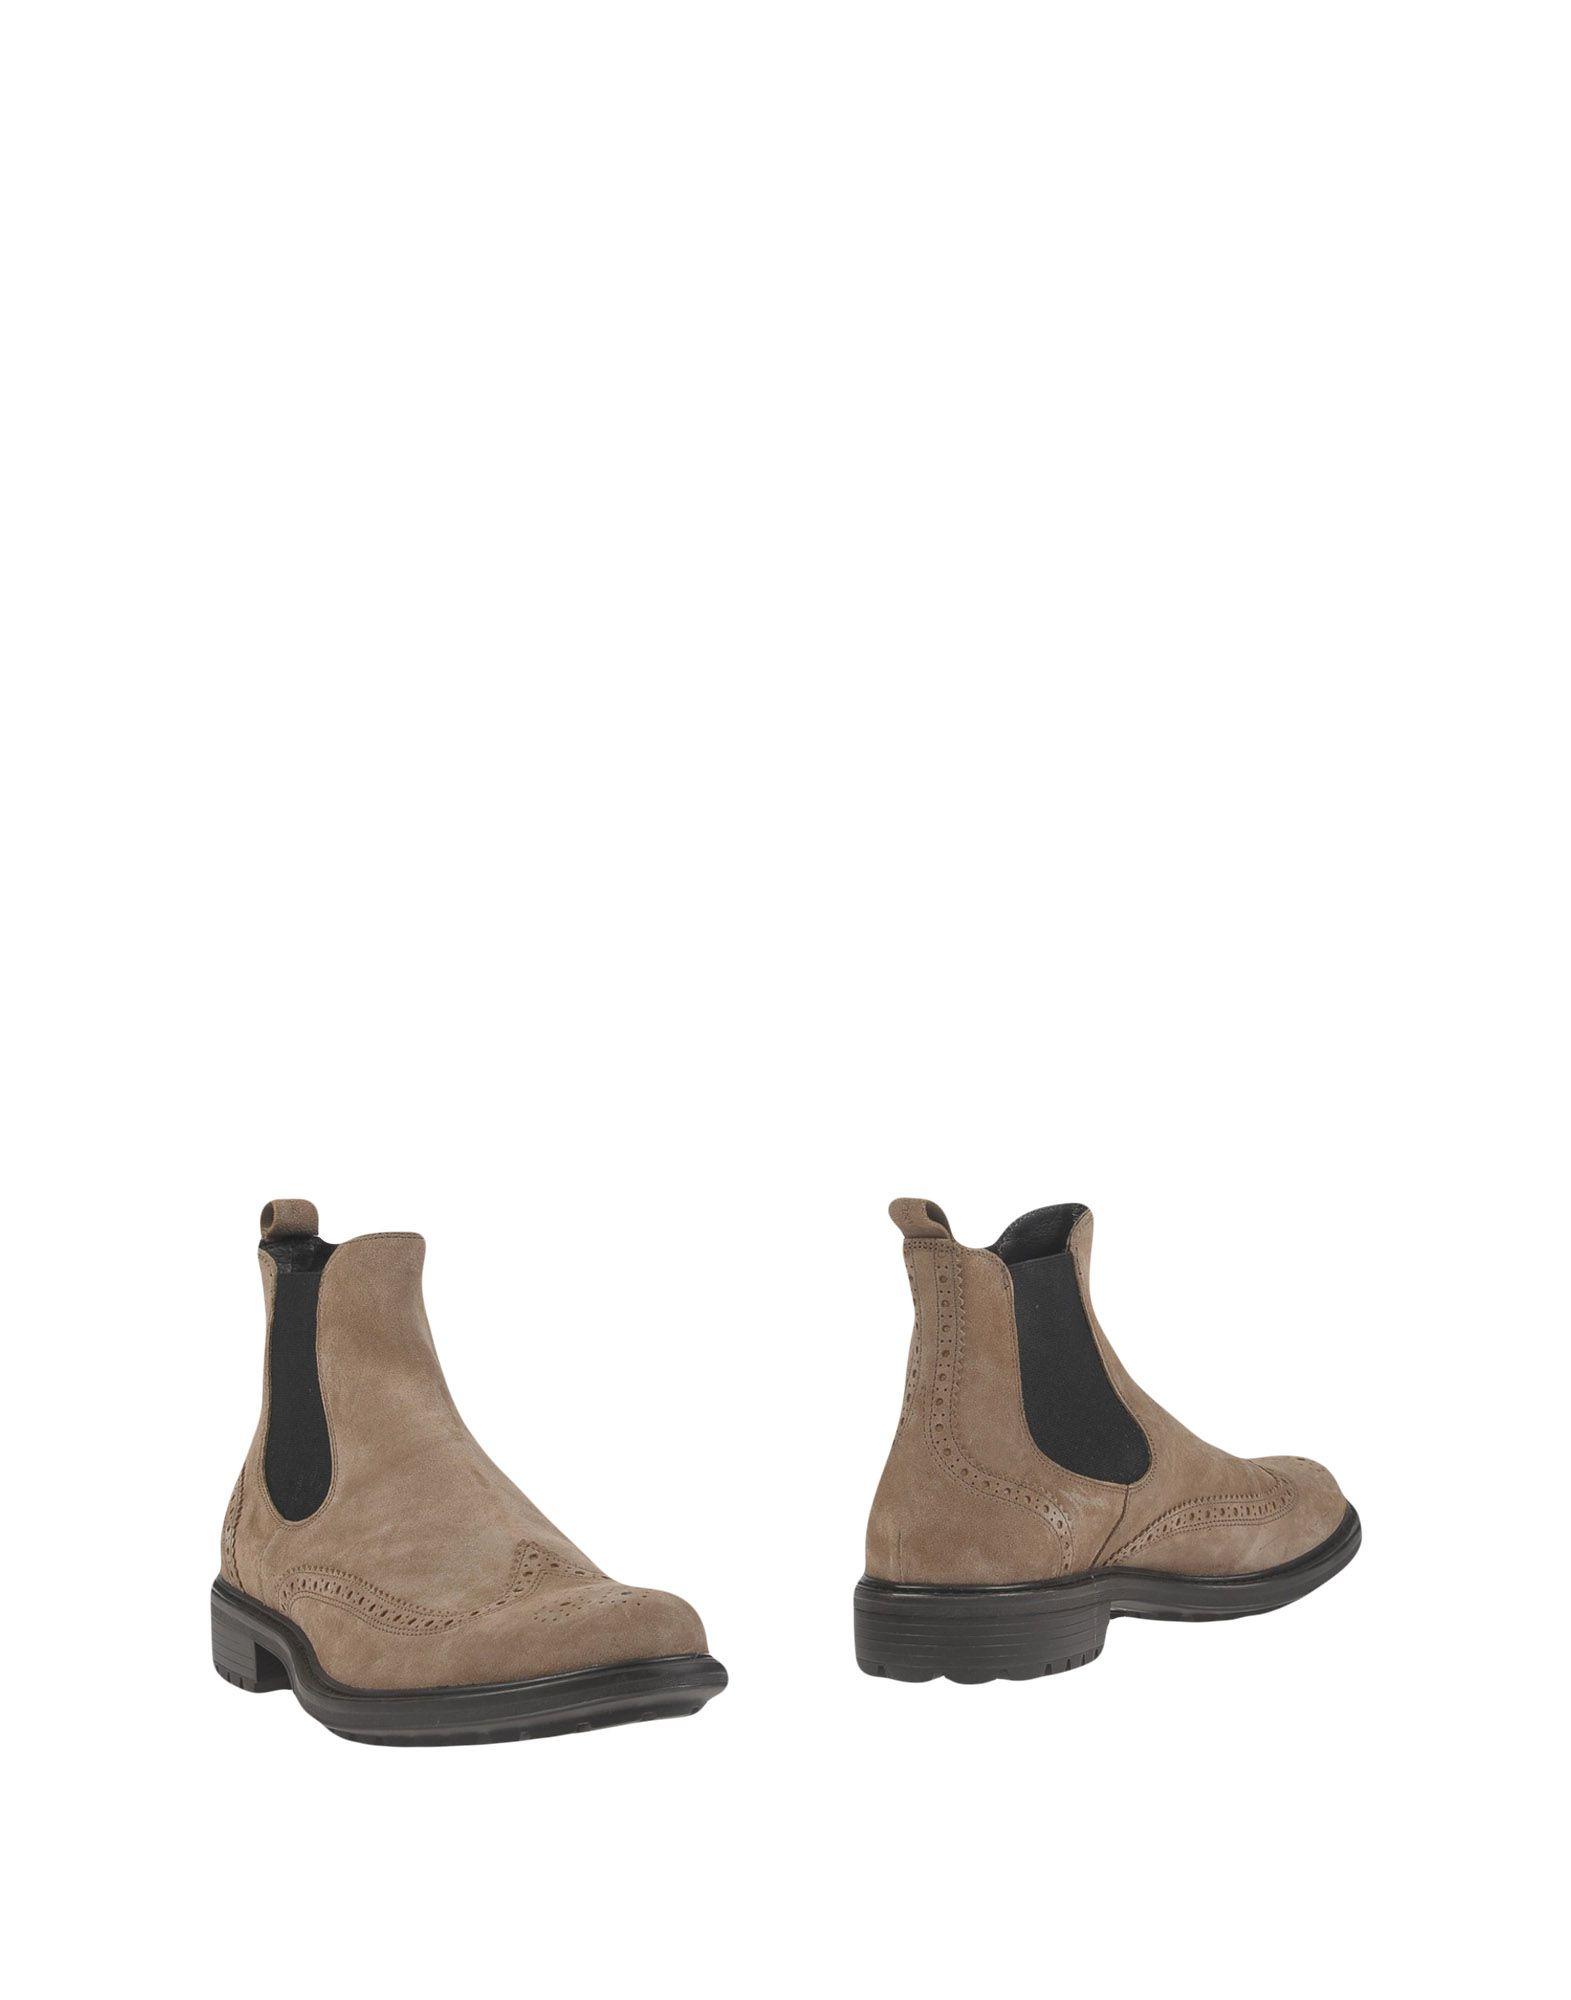 MANUEL RITZ Полусапоги и высокие ботинки купить футбольную форму челси торрес